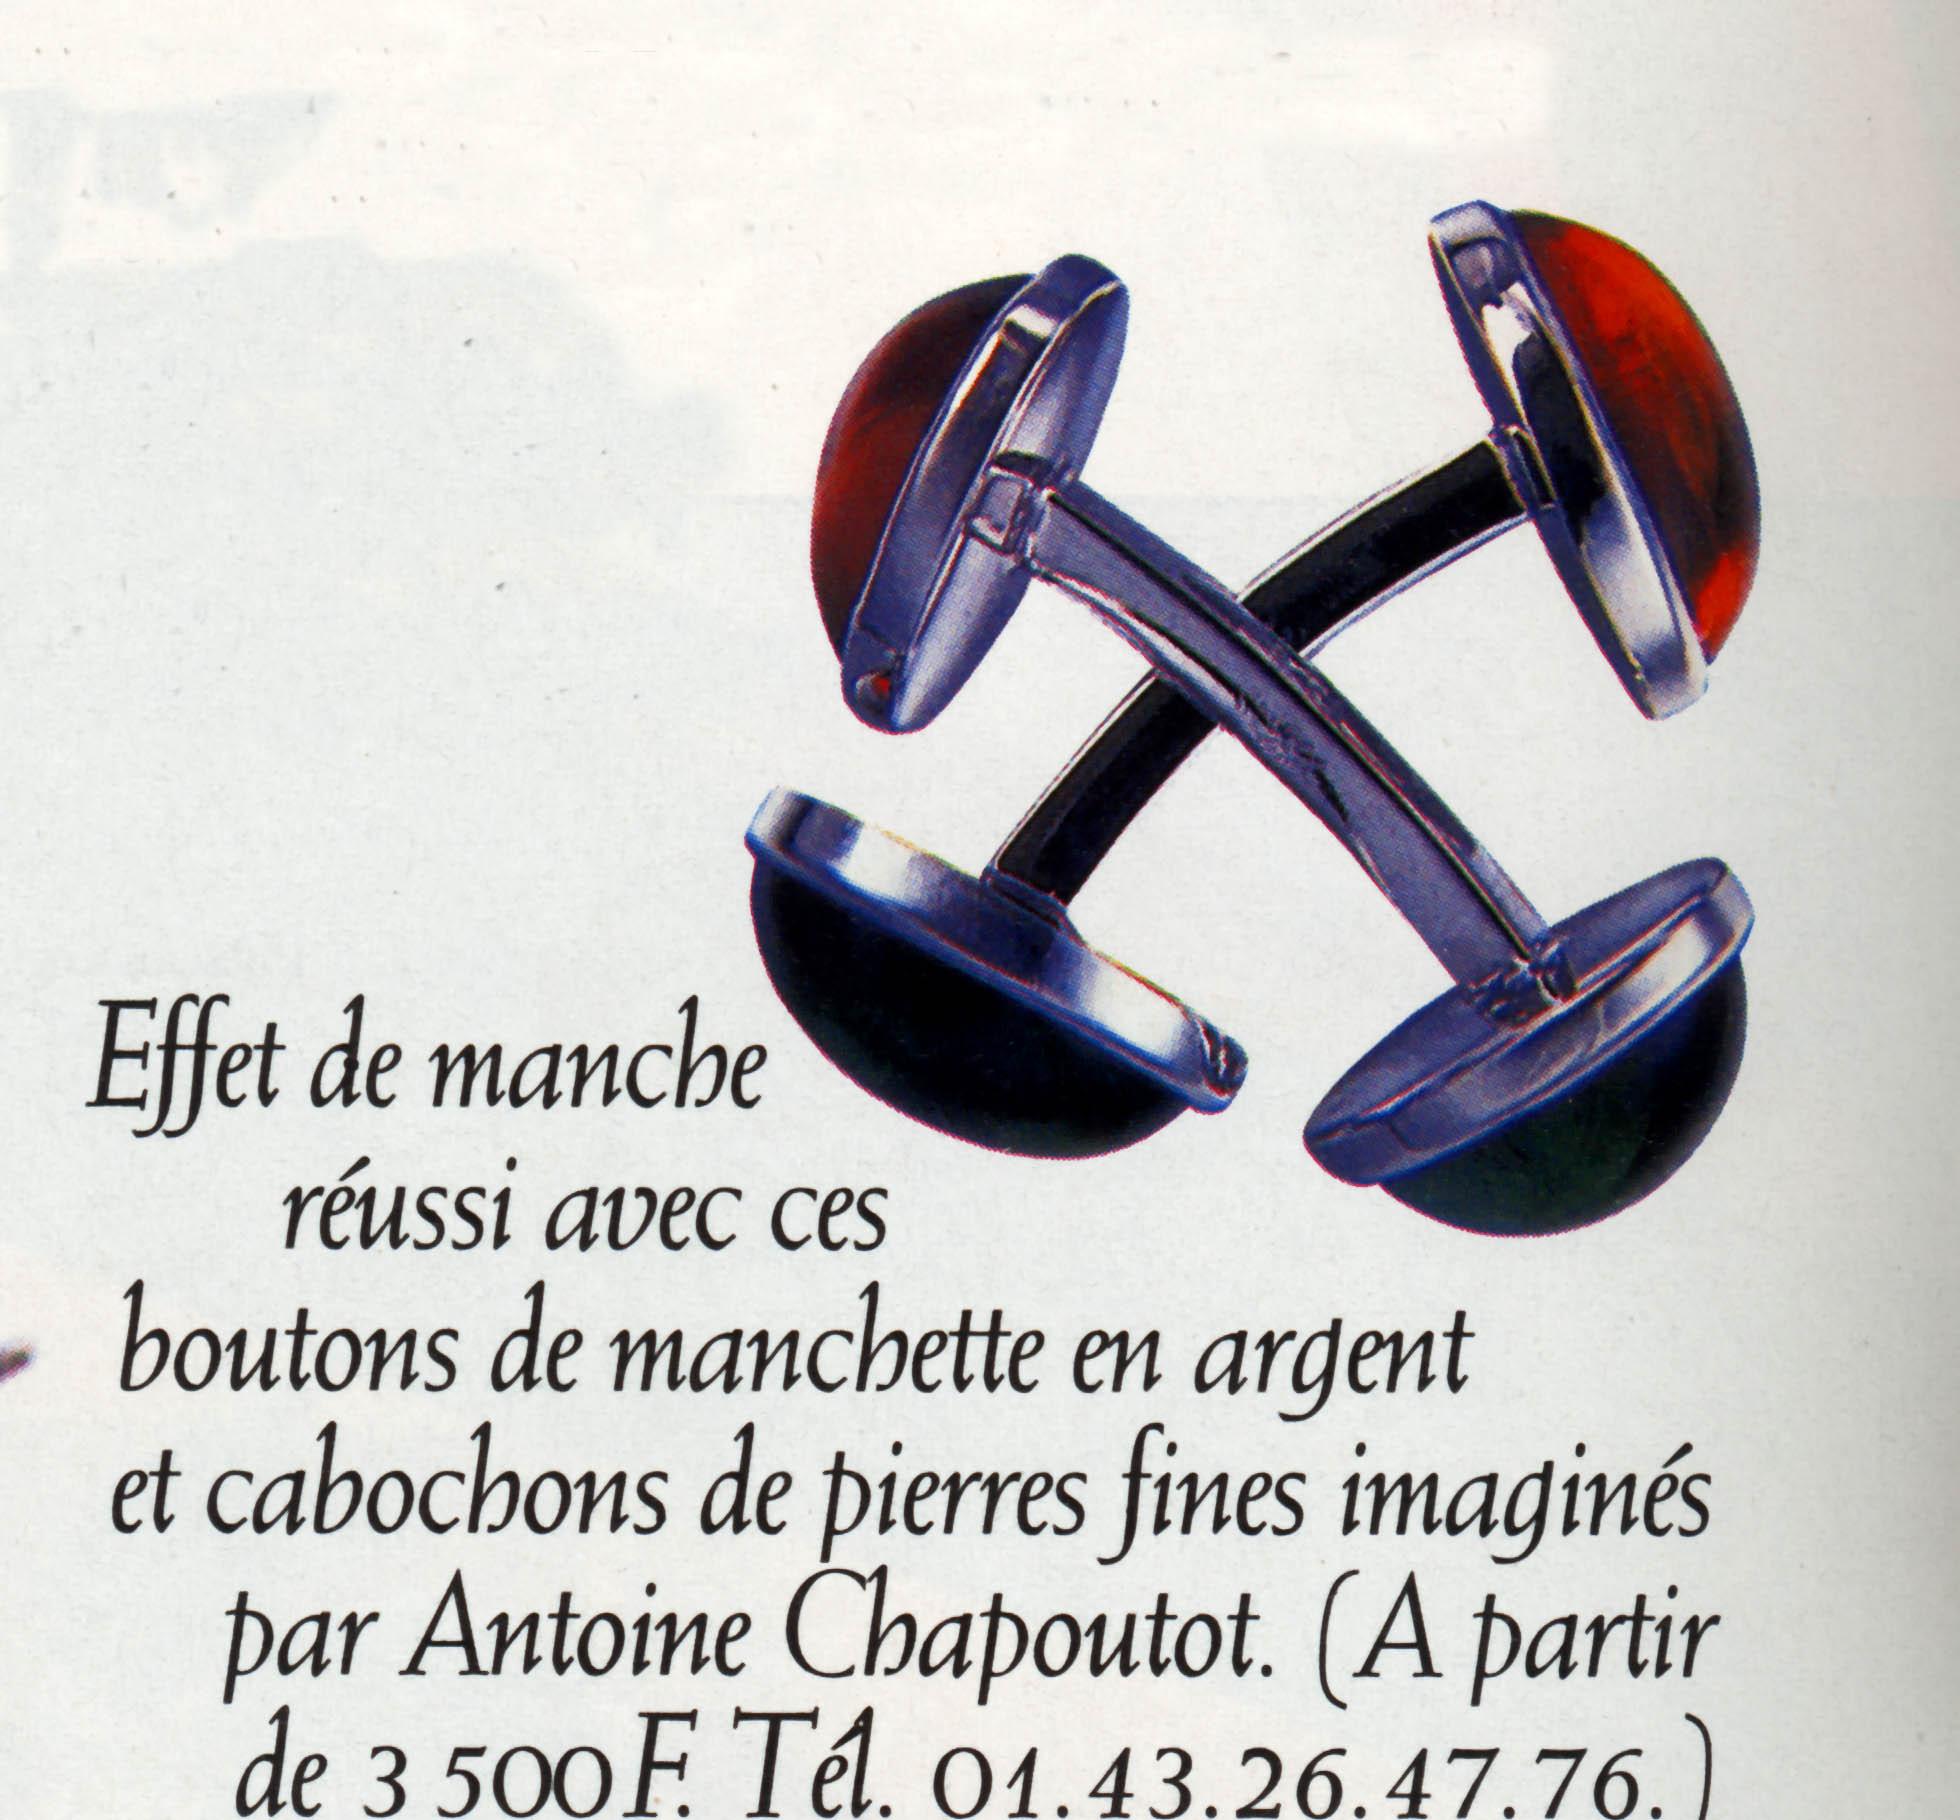 1998 FEMME - Janv-Fev98 - article.jpg